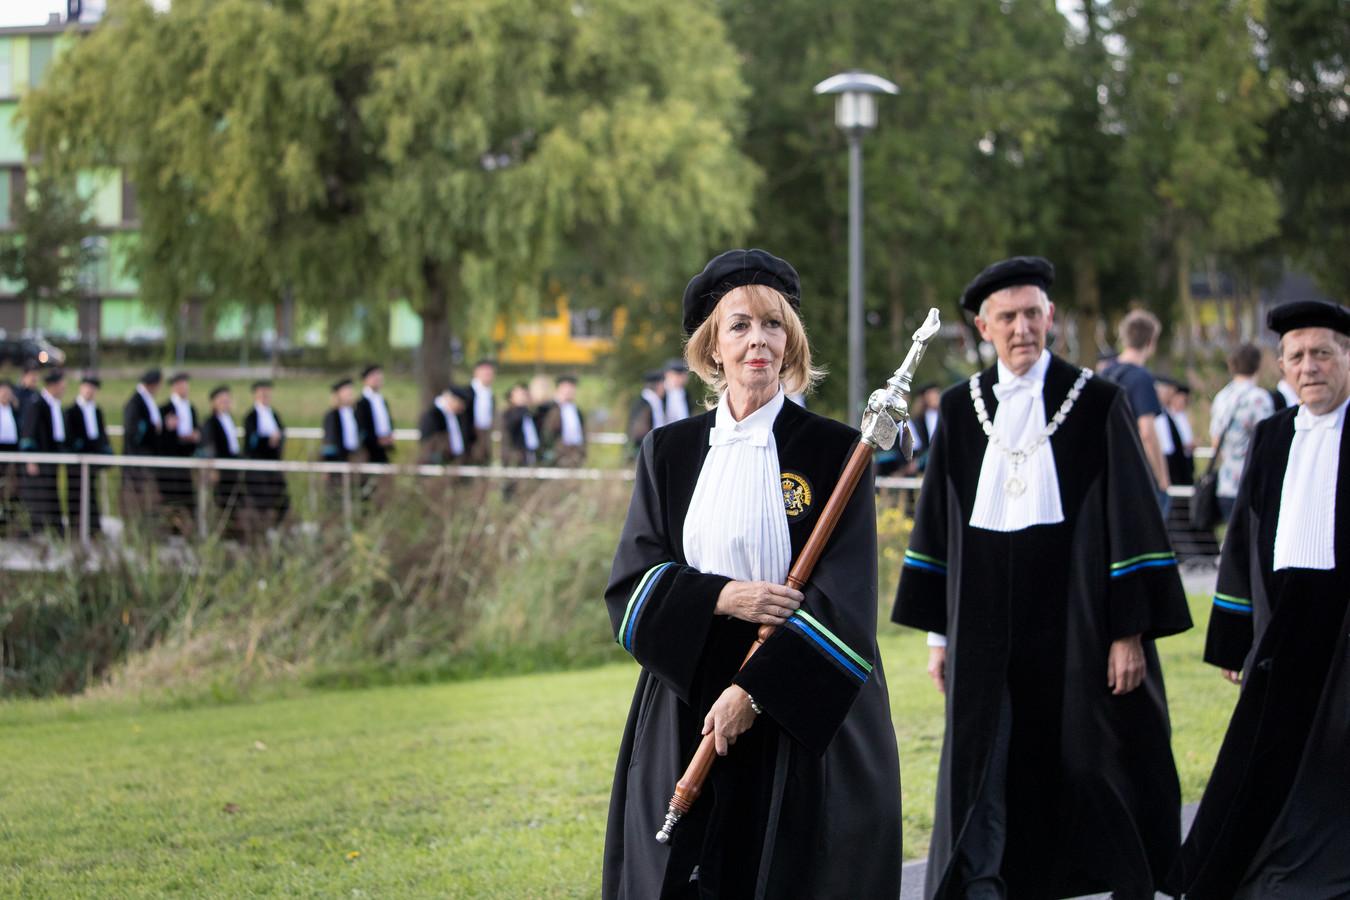 De opening van het academisch jaar in Wageningen een jaar geleden, met rechts naast de pedel rector magnificus Arthur Mol.